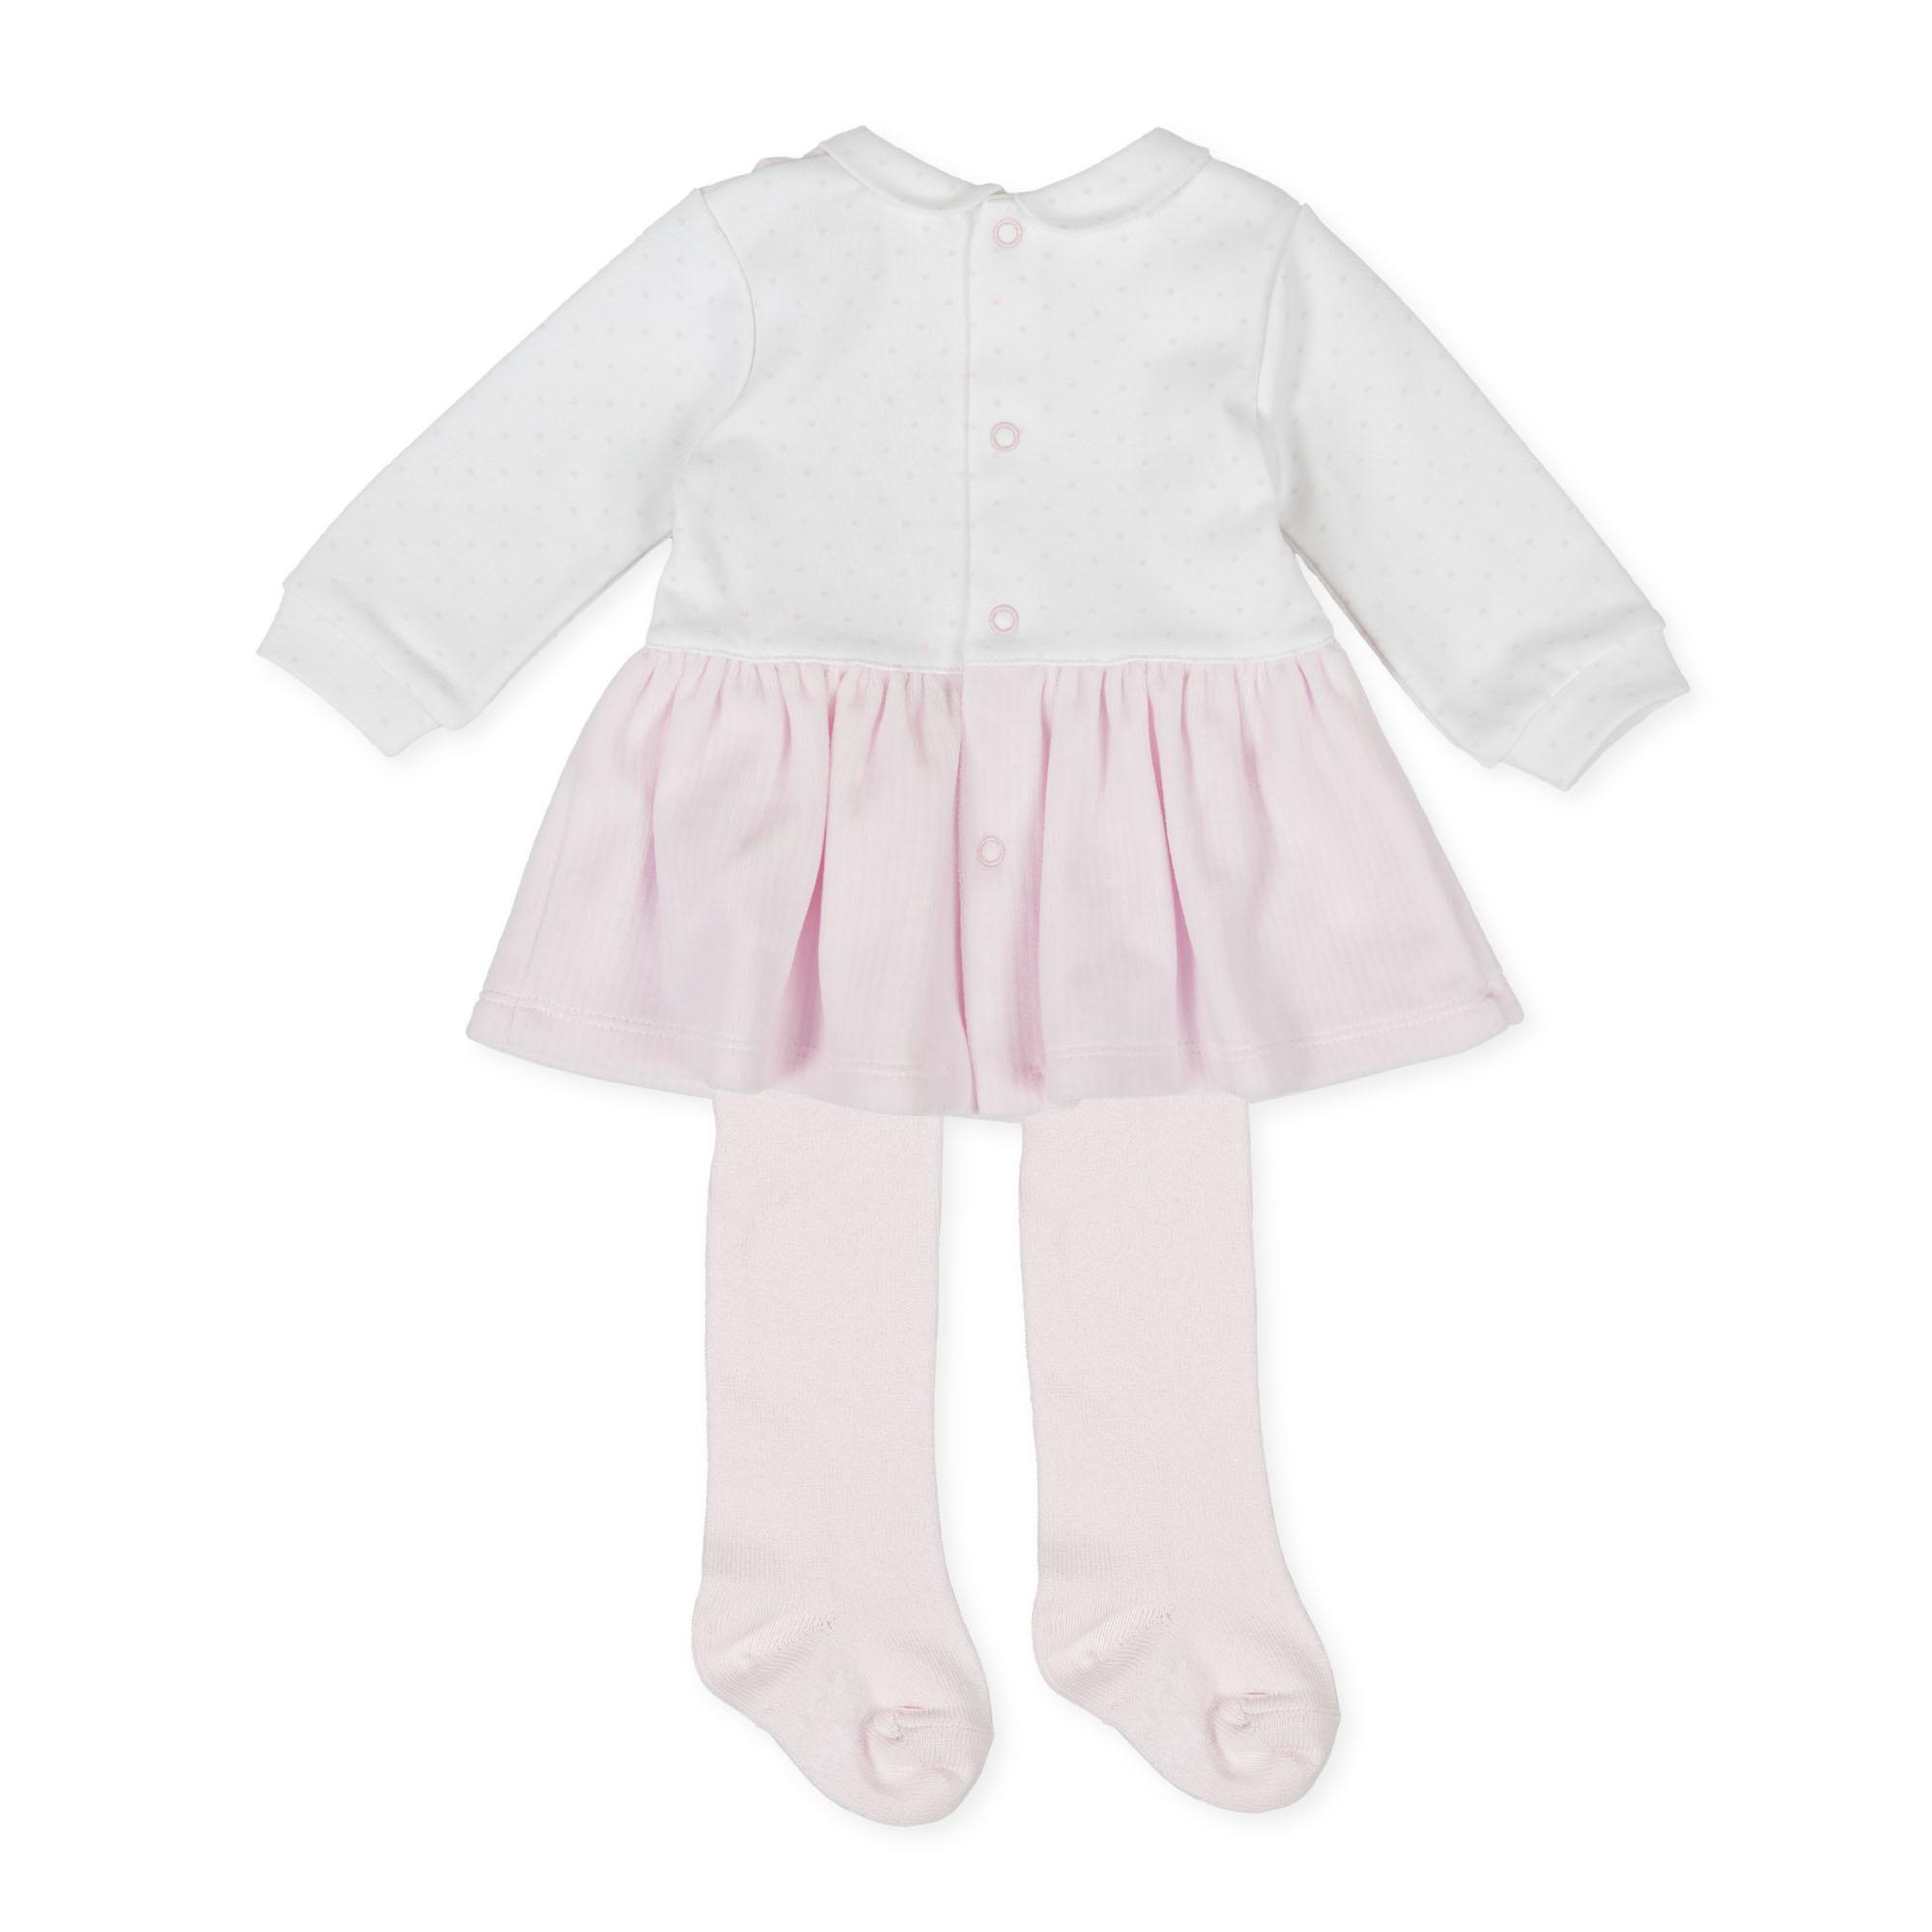 Tutto Piccolo Tutto Piccolo 9783 Pink/White Dress & Tights Set